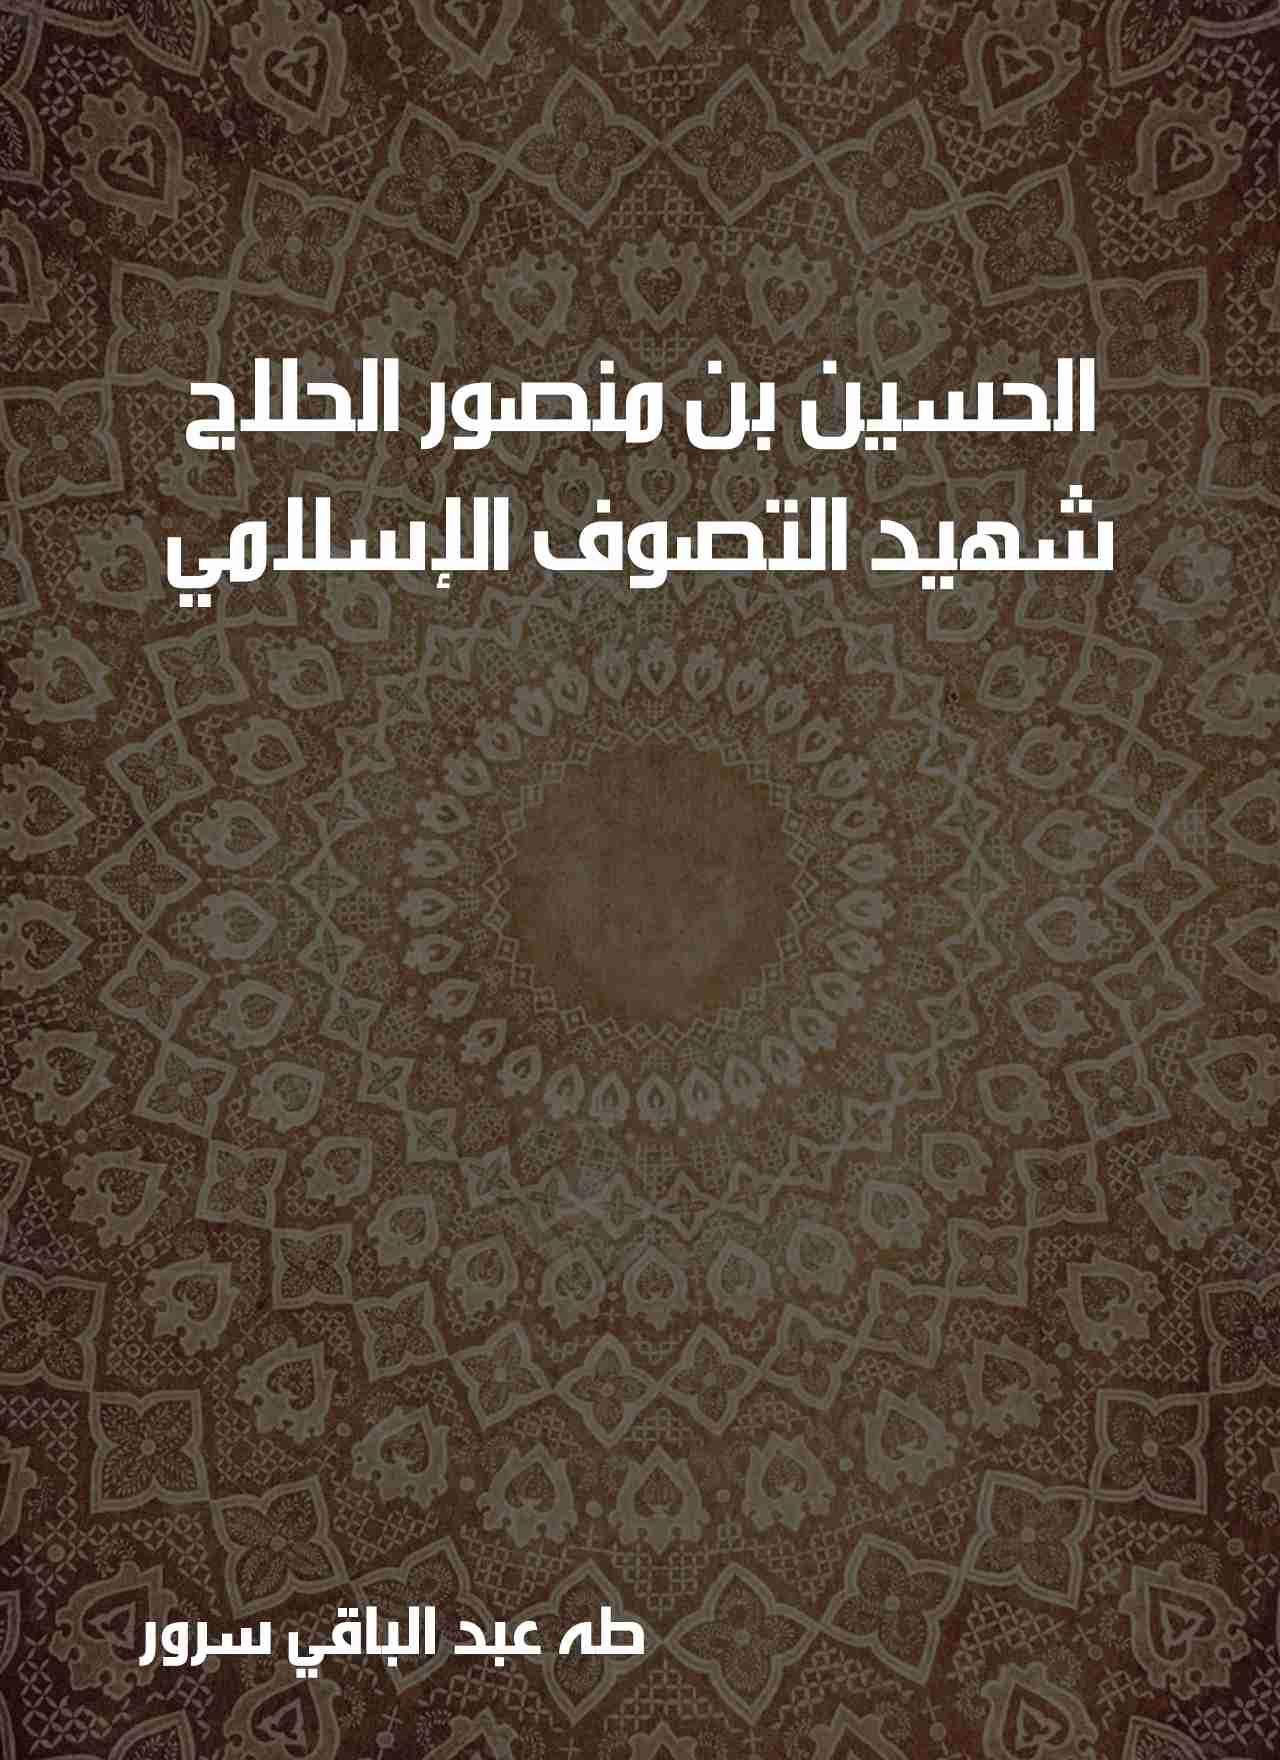 كتاب الحسين بن منصور الحلاج - شهيد التصوف الإسلامي لـ طه عبد الباقي سرور